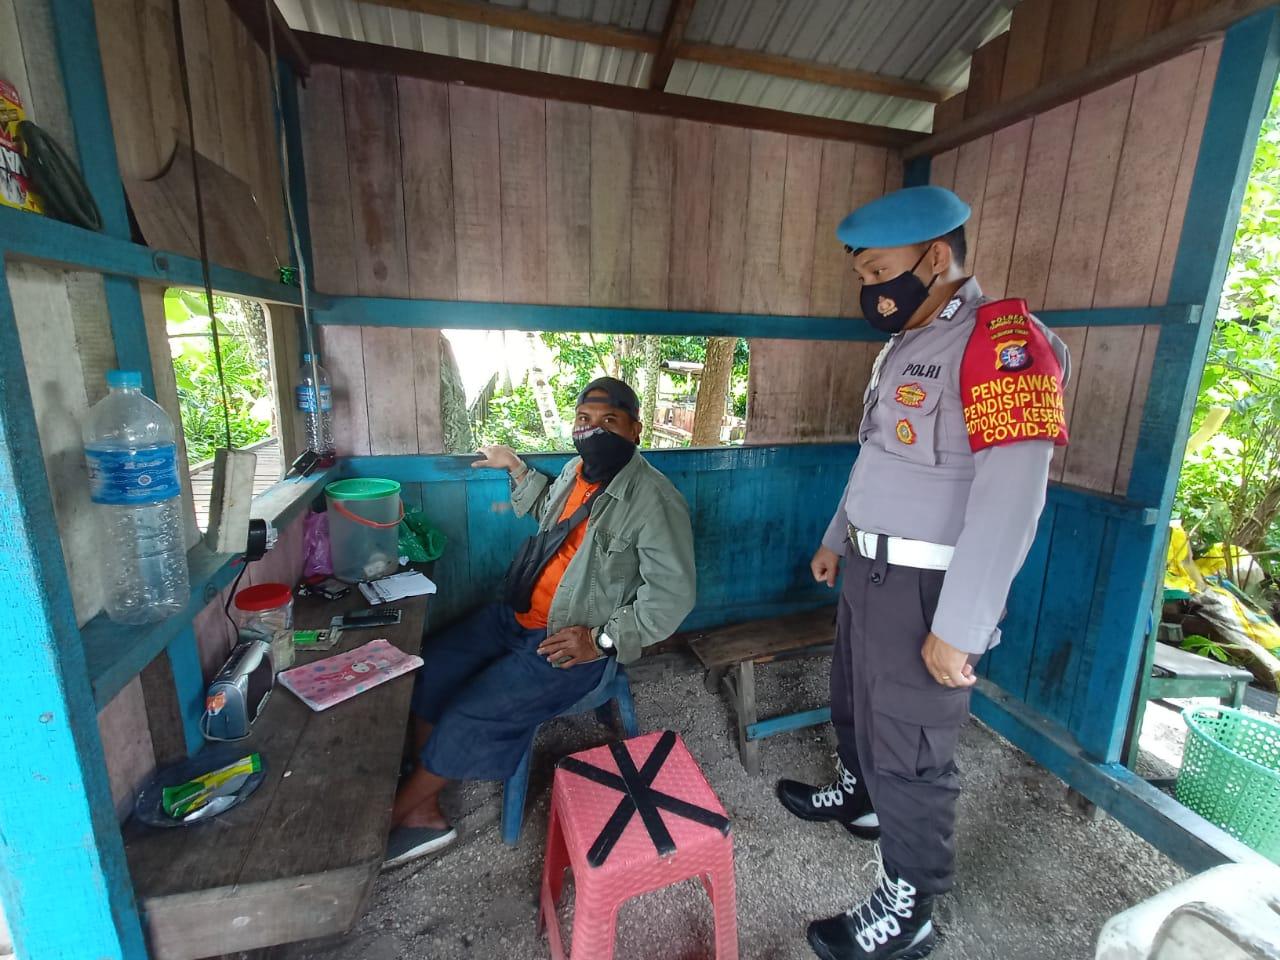 SAMBANGI PEMUKIMAN WARGA, PERSONEL POLSEK SEPANG BERIKAN SOSIALISASI TENTANG 3M 1